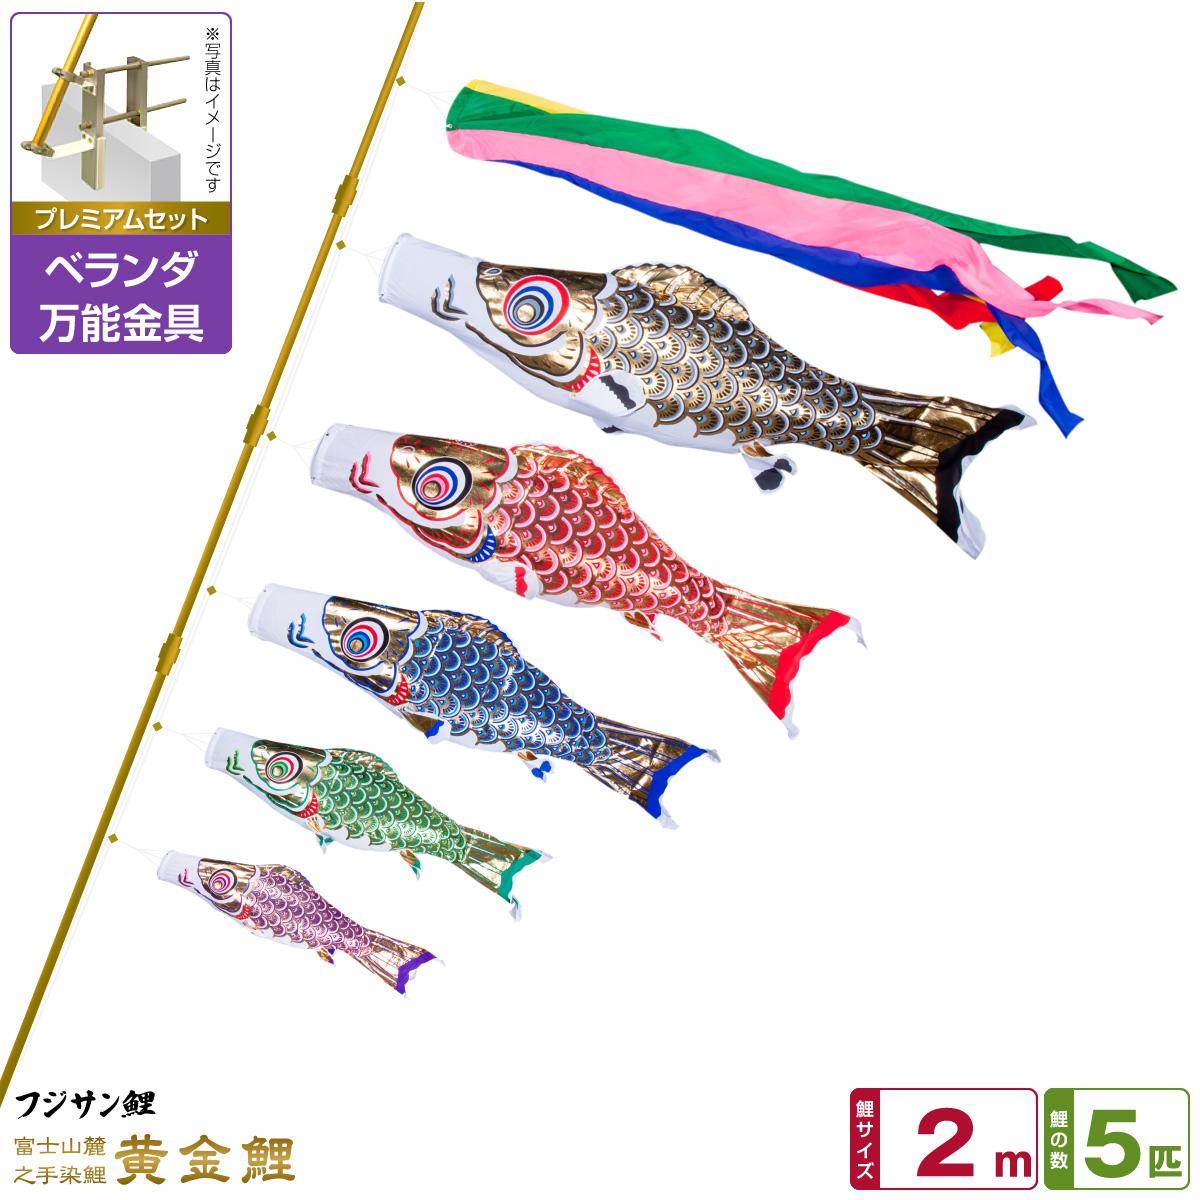 ベランダ用 こいのぼり 鯉のぼり フジサン鯉 黄金鯉 2m 8点(吹流し+鯉5匹+矢車+ロープ)/プレミアムセット(万能取付金具)